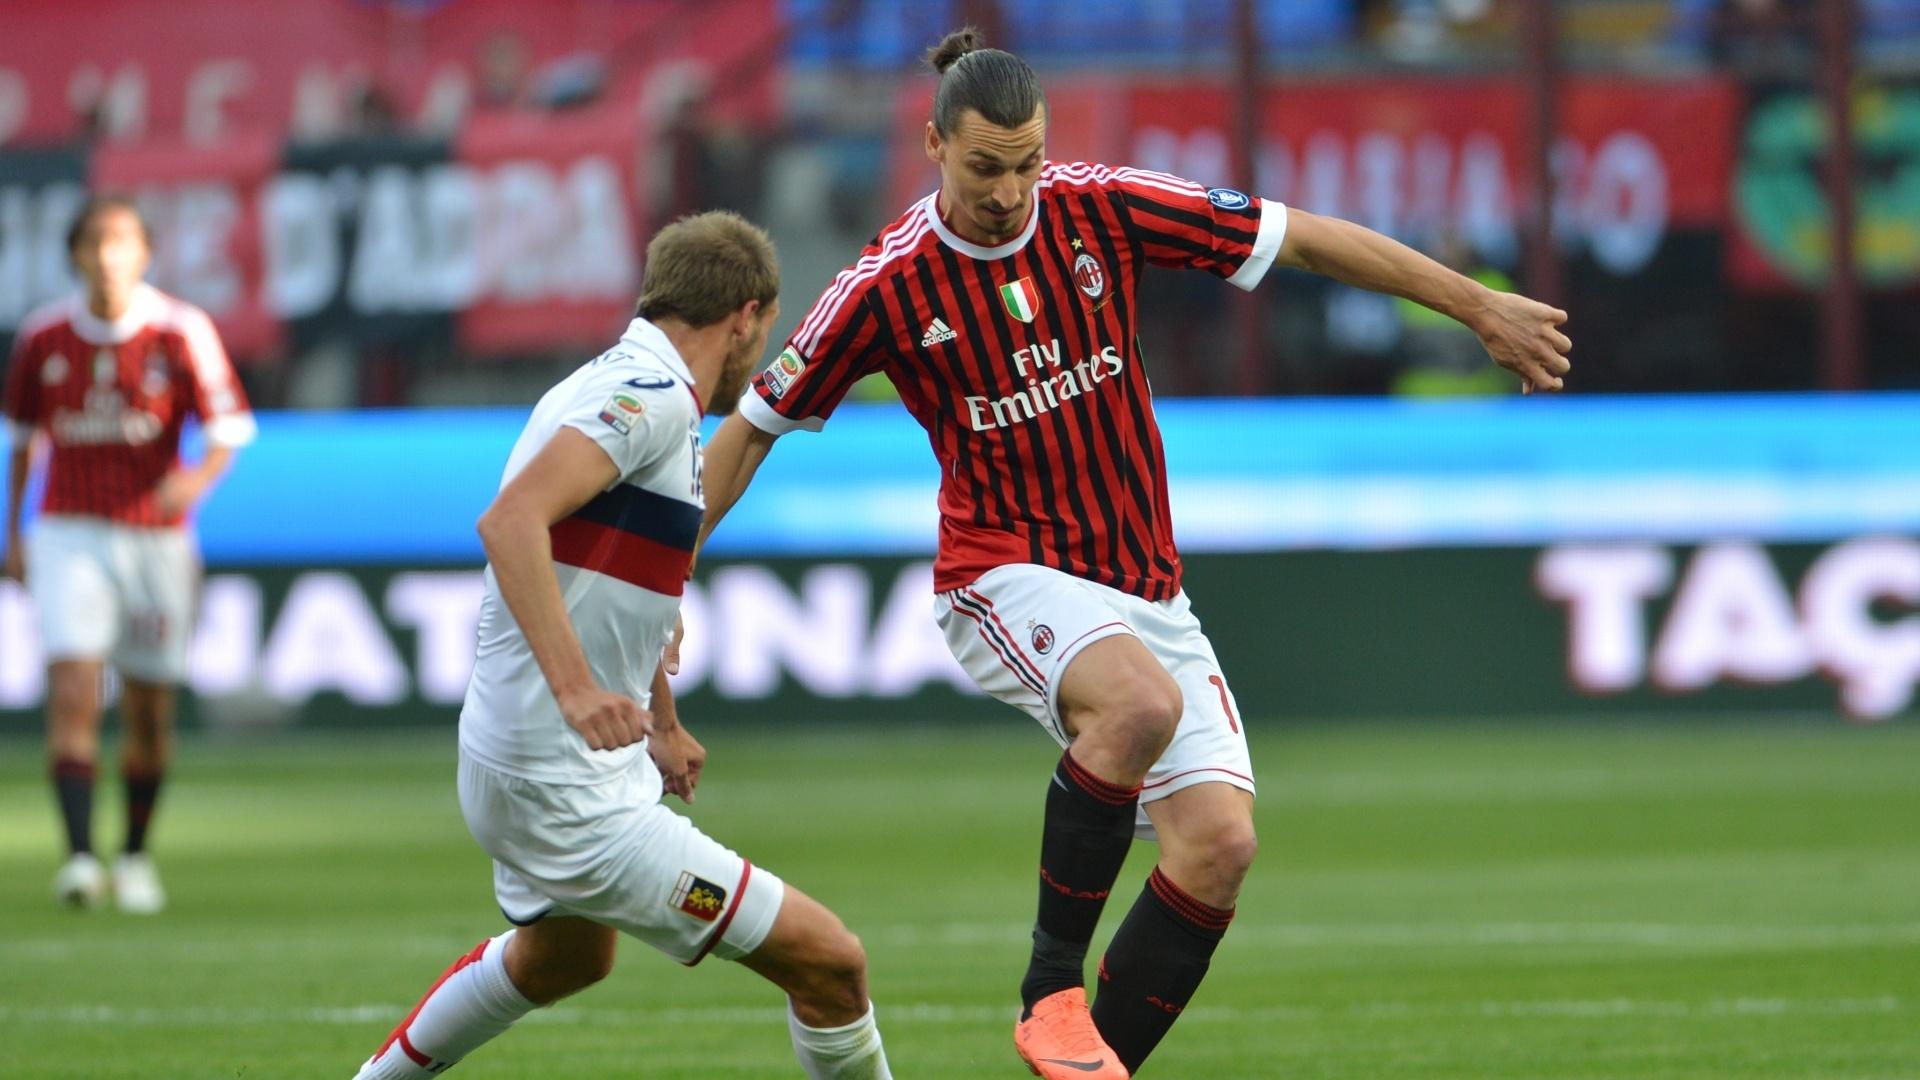 Atacante sueco Ibrahimovic domina a bola na frente do marcador em duelo entre Milan e Genoa, pelo Campeonato Italiano